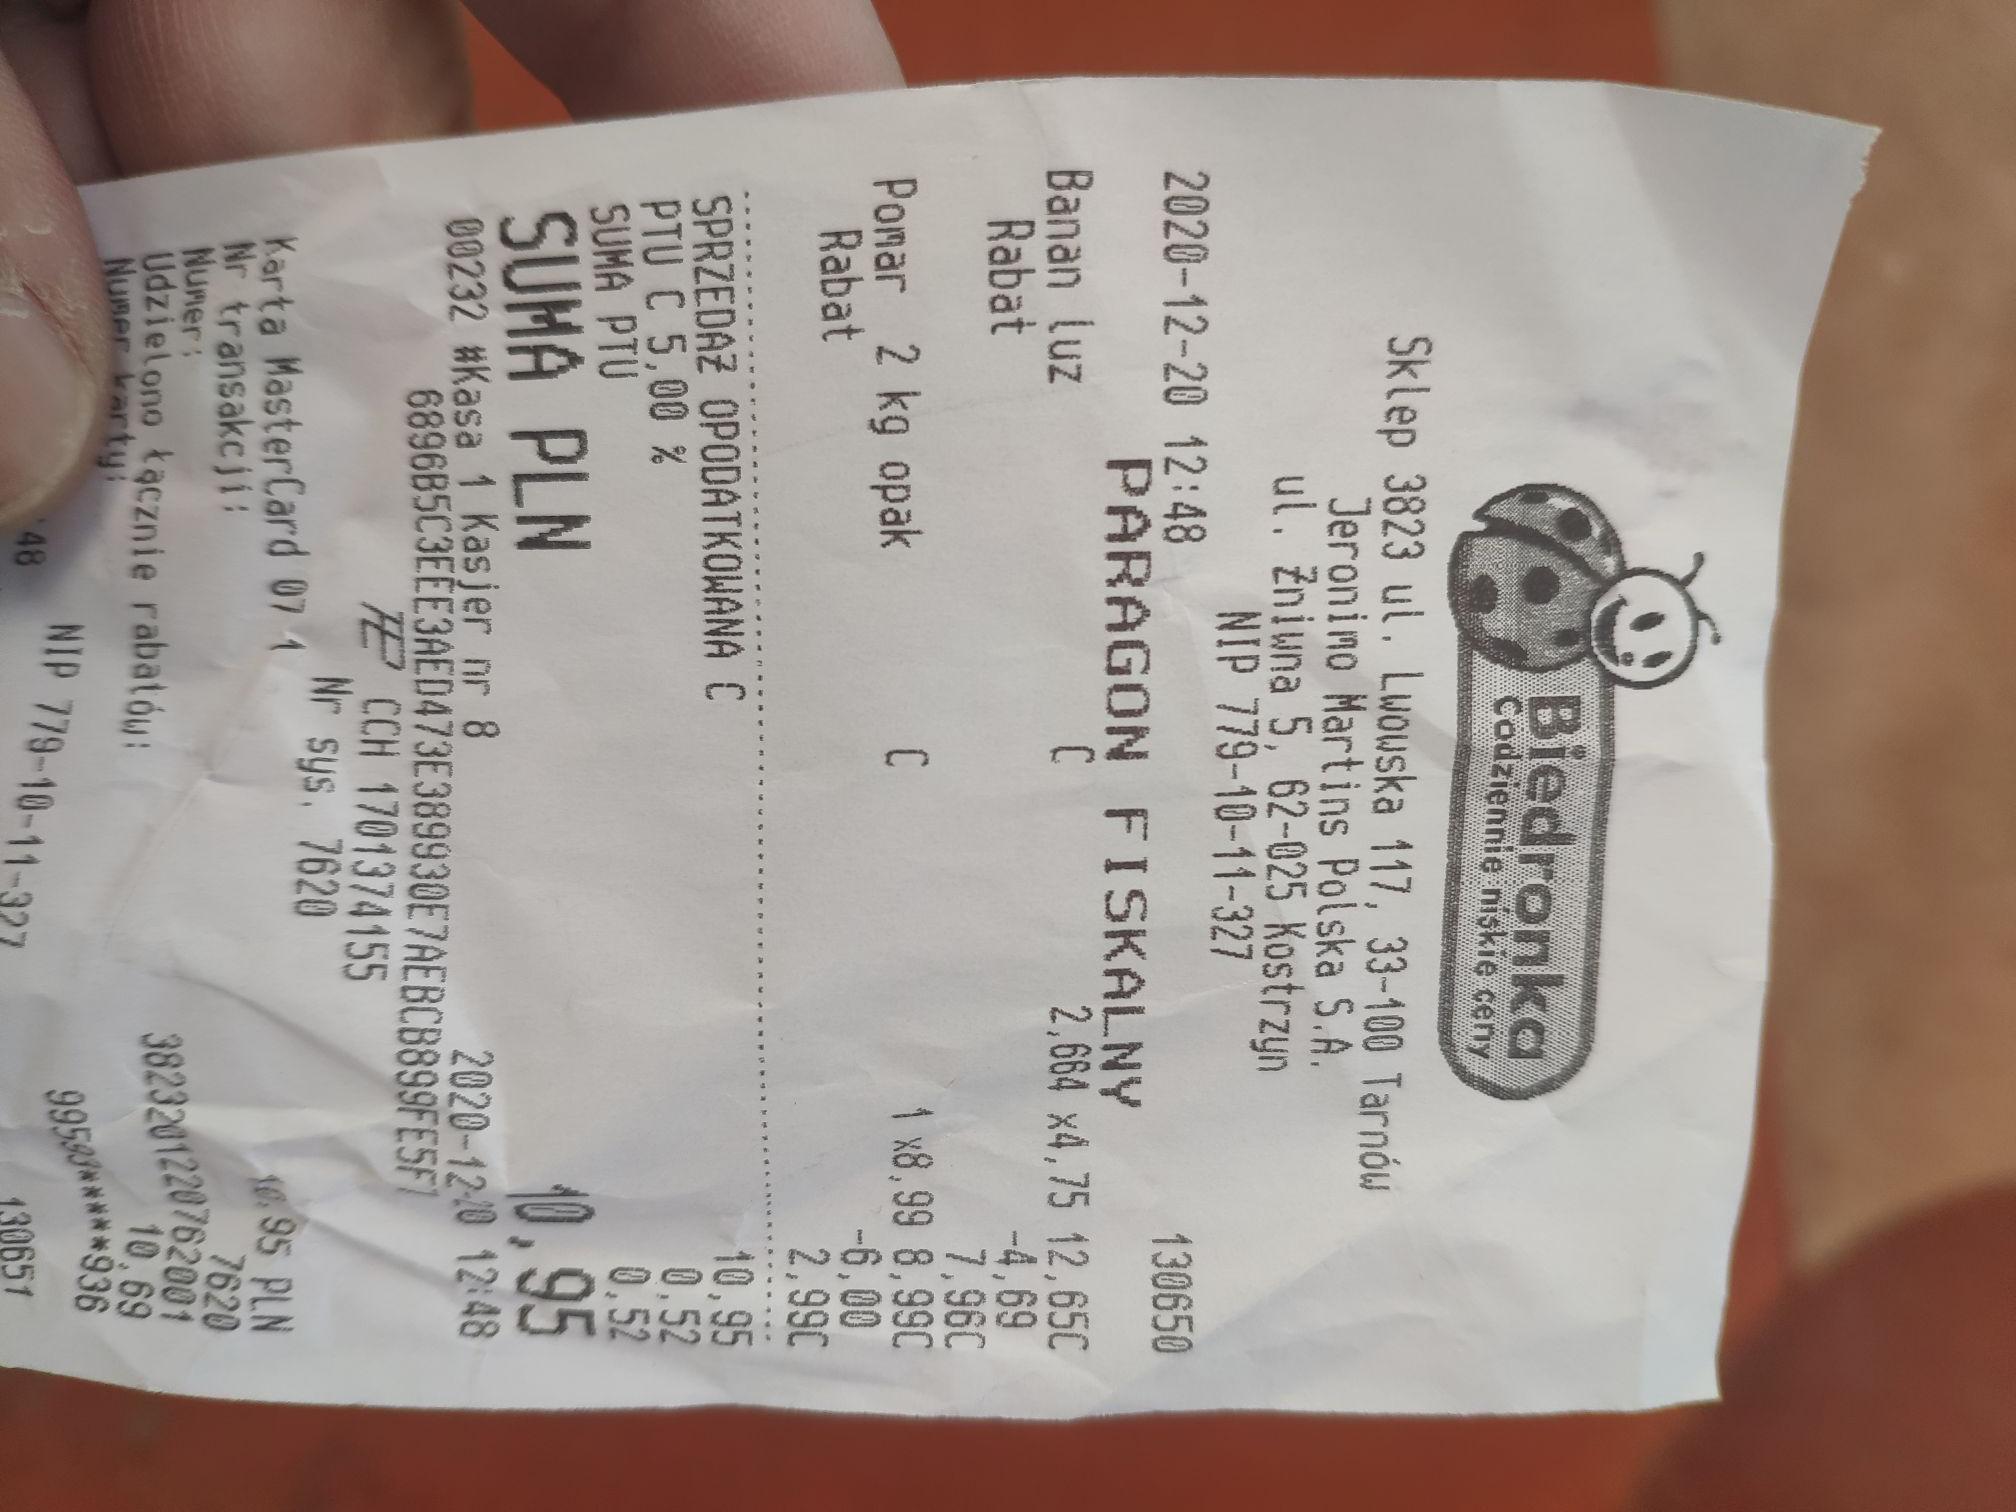 Pomarańcze 2kg za 2.99zł (1,50 zł/kg) Biedronka